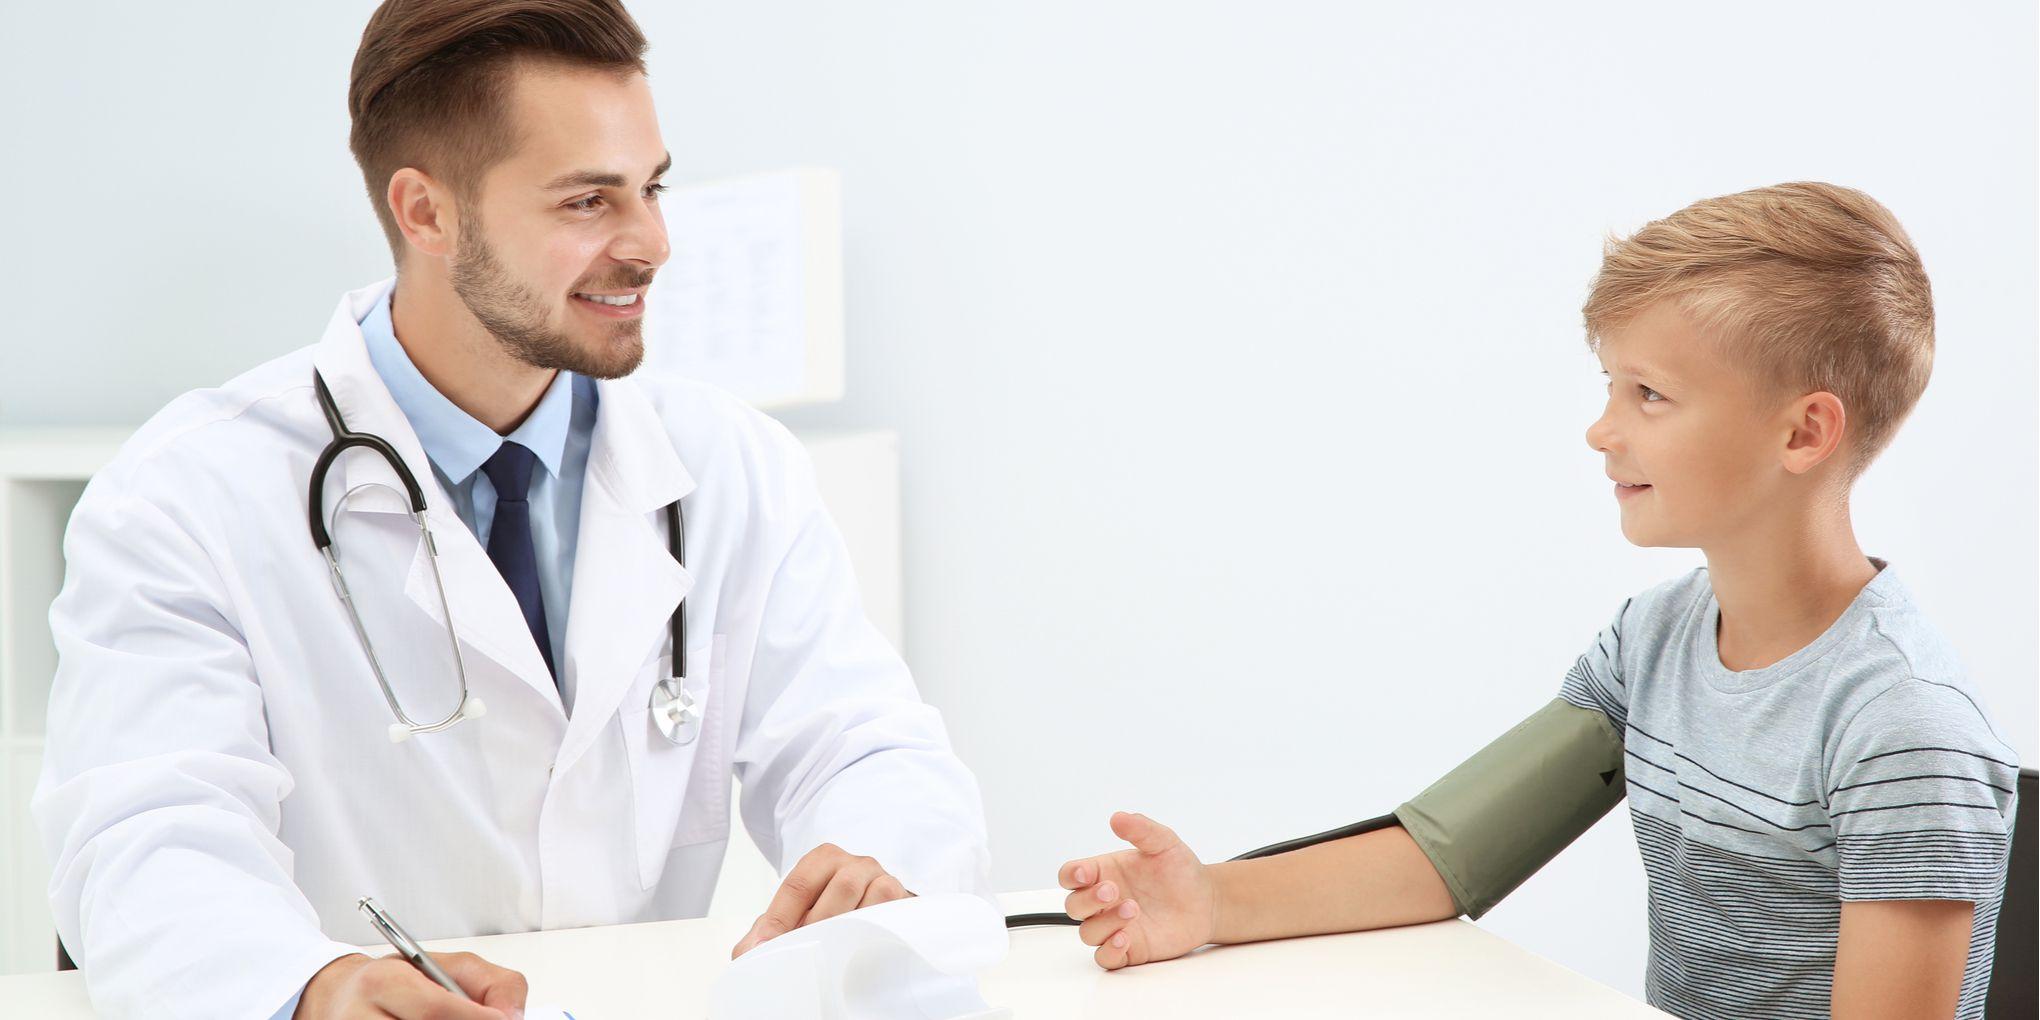 uzroci hipertenzije pomlađivanje)